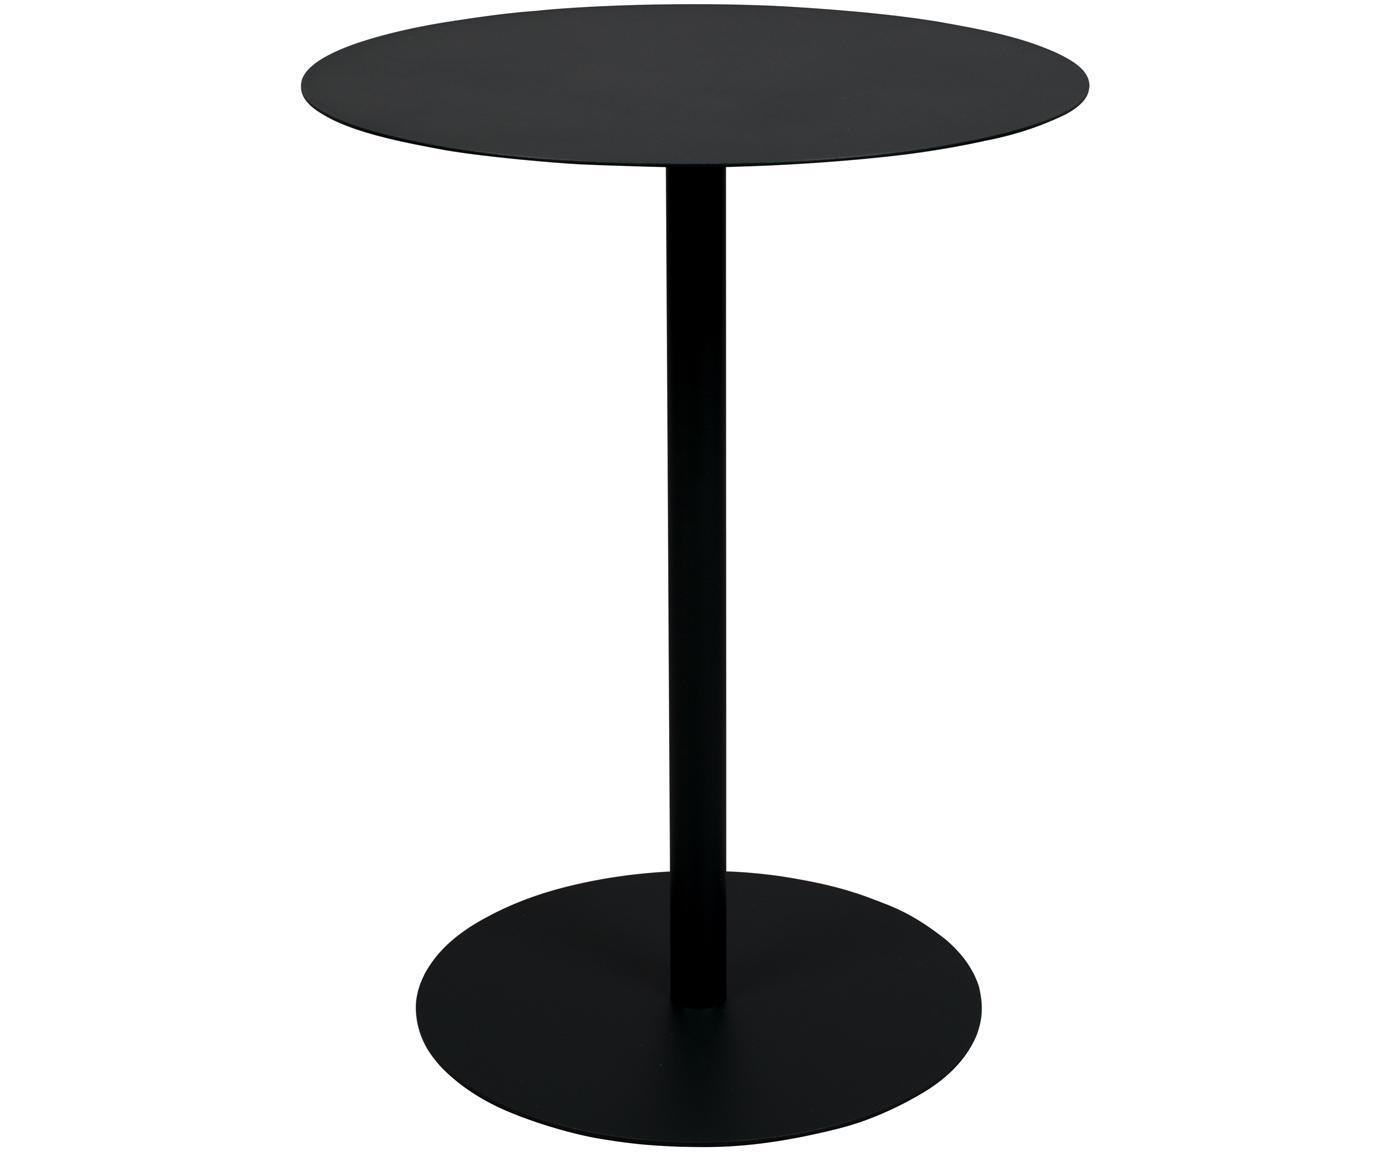 Runder Bistro-Tisch Snow aus Metall, Metall, pulverbeschichtet, Schwarz, Ø 57 x H 75 cm